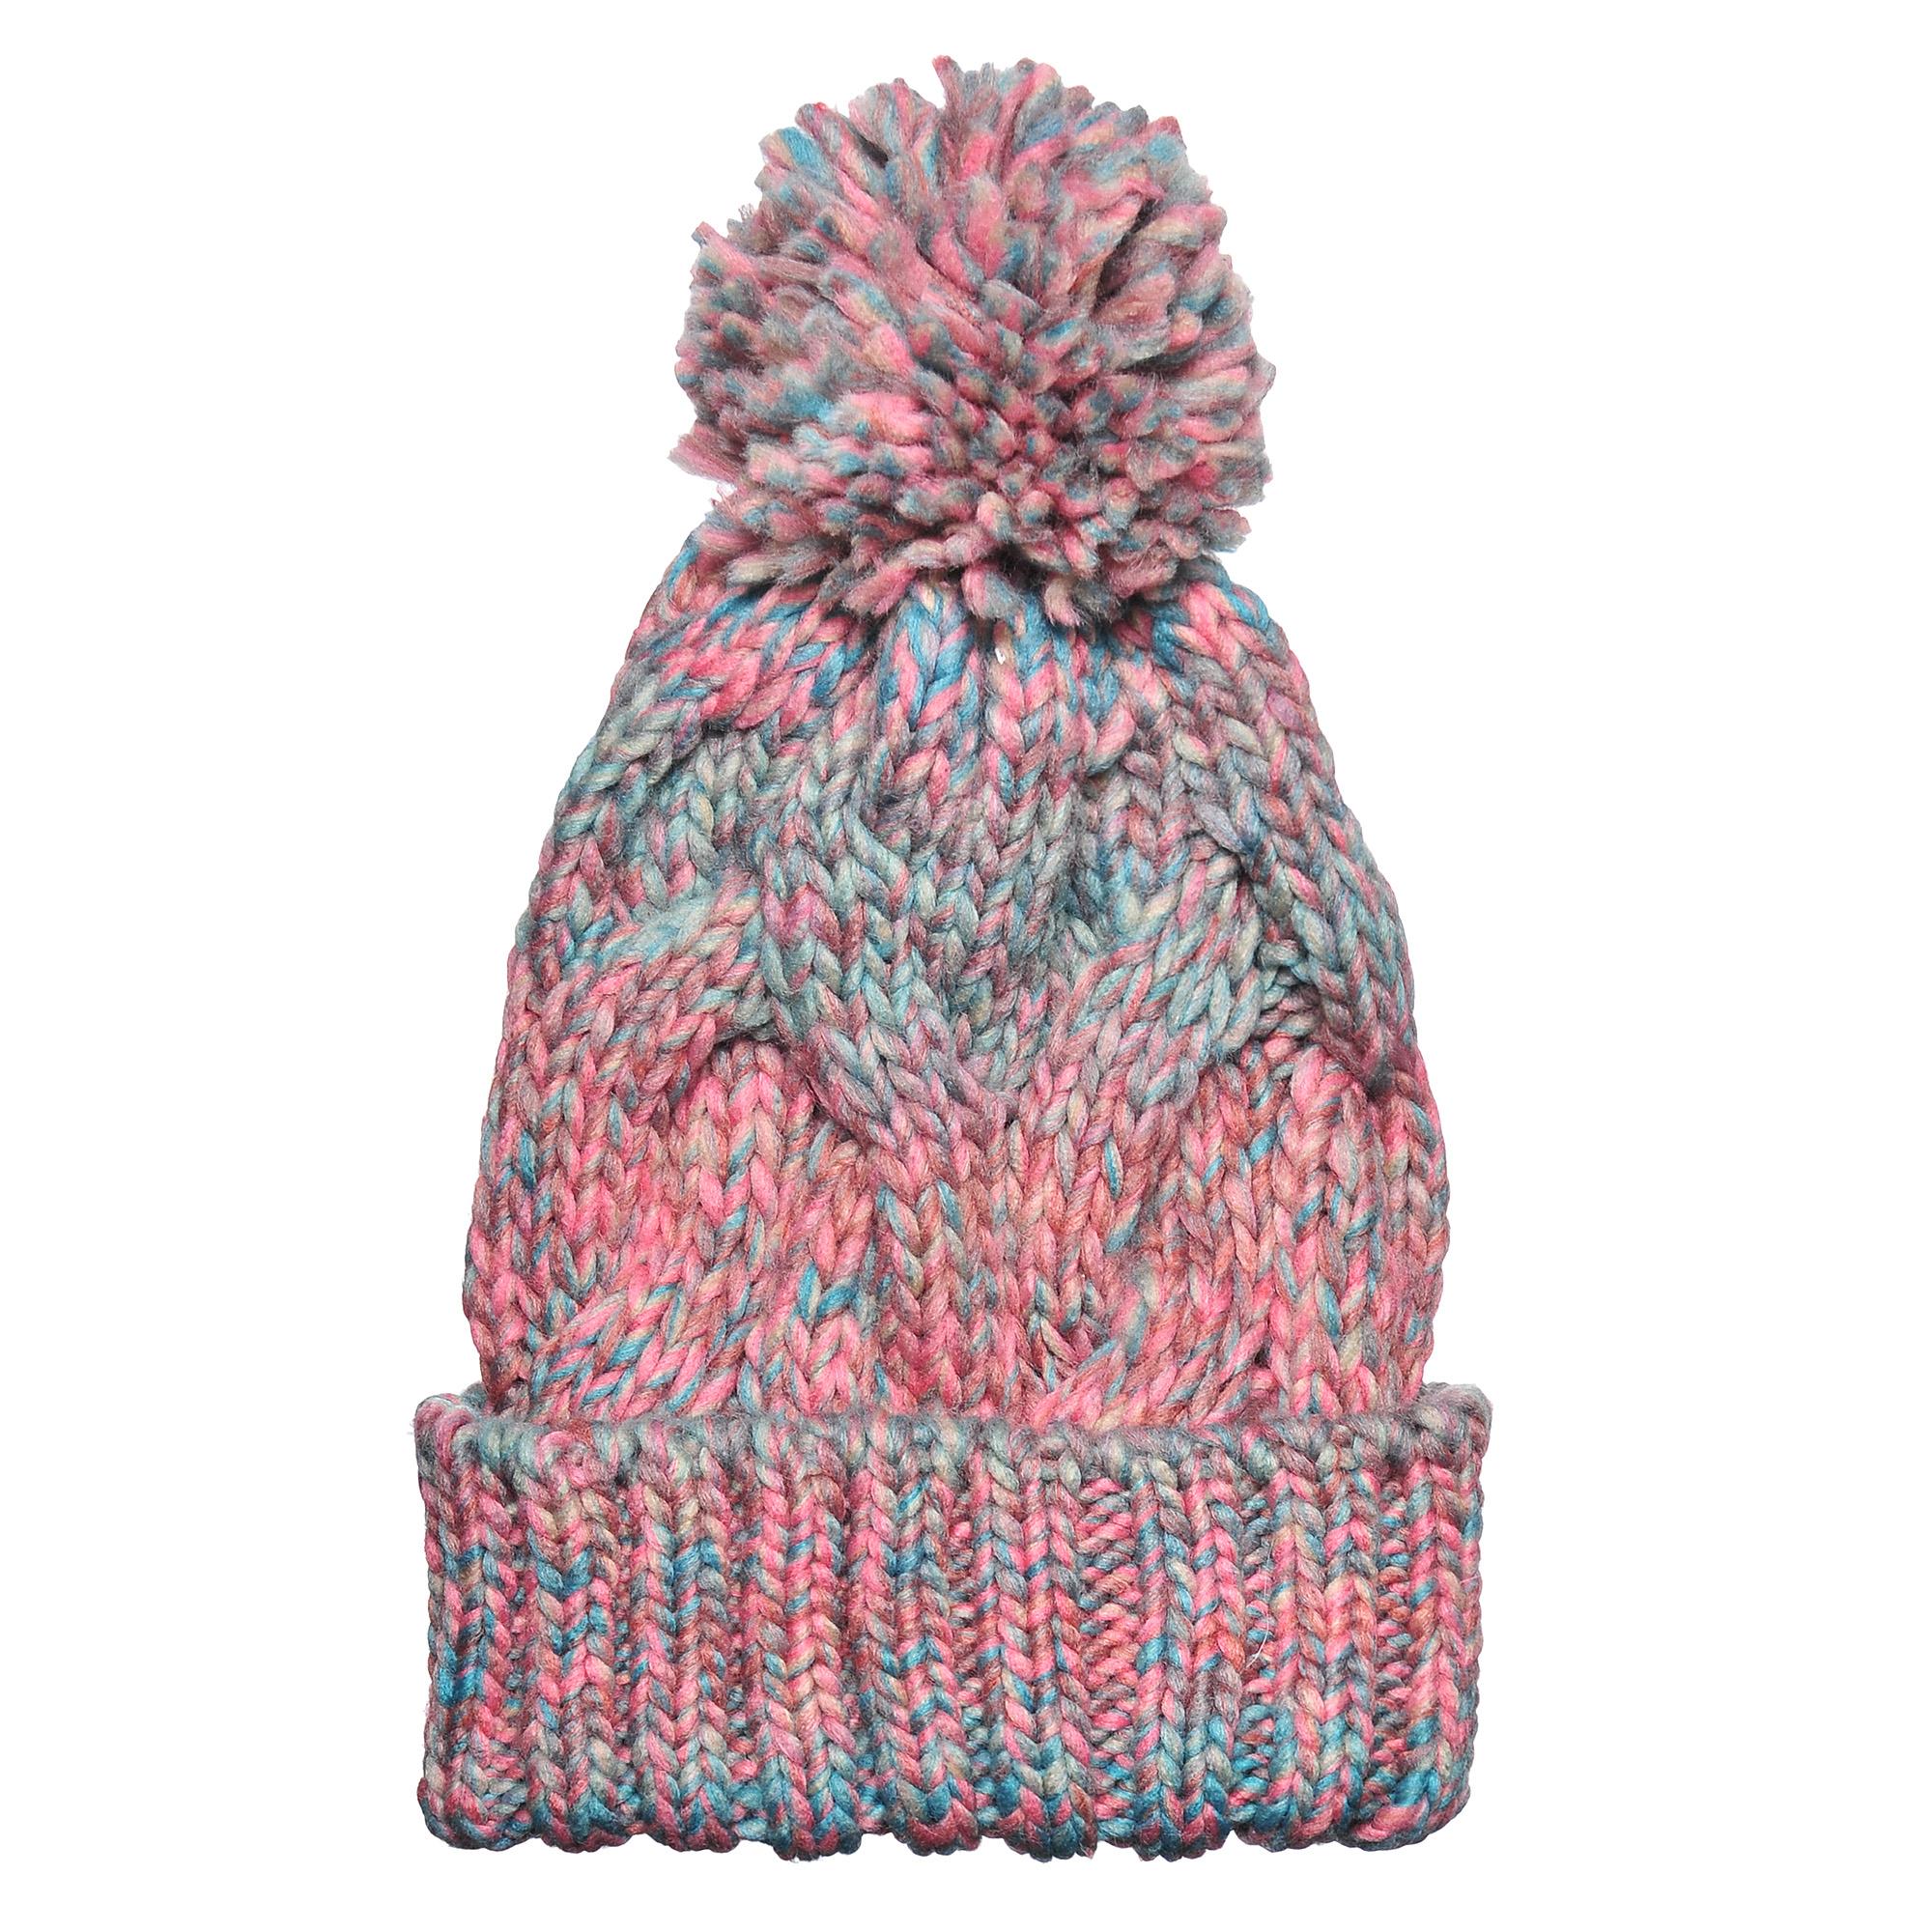 Шапка4-0039-124Стильная однослойная теплая шапка с отворотом и помпоном из акрила. Меланжевая вязка. Отличный аксессуар защитит в непогоду и подарит ощущение теплоты.